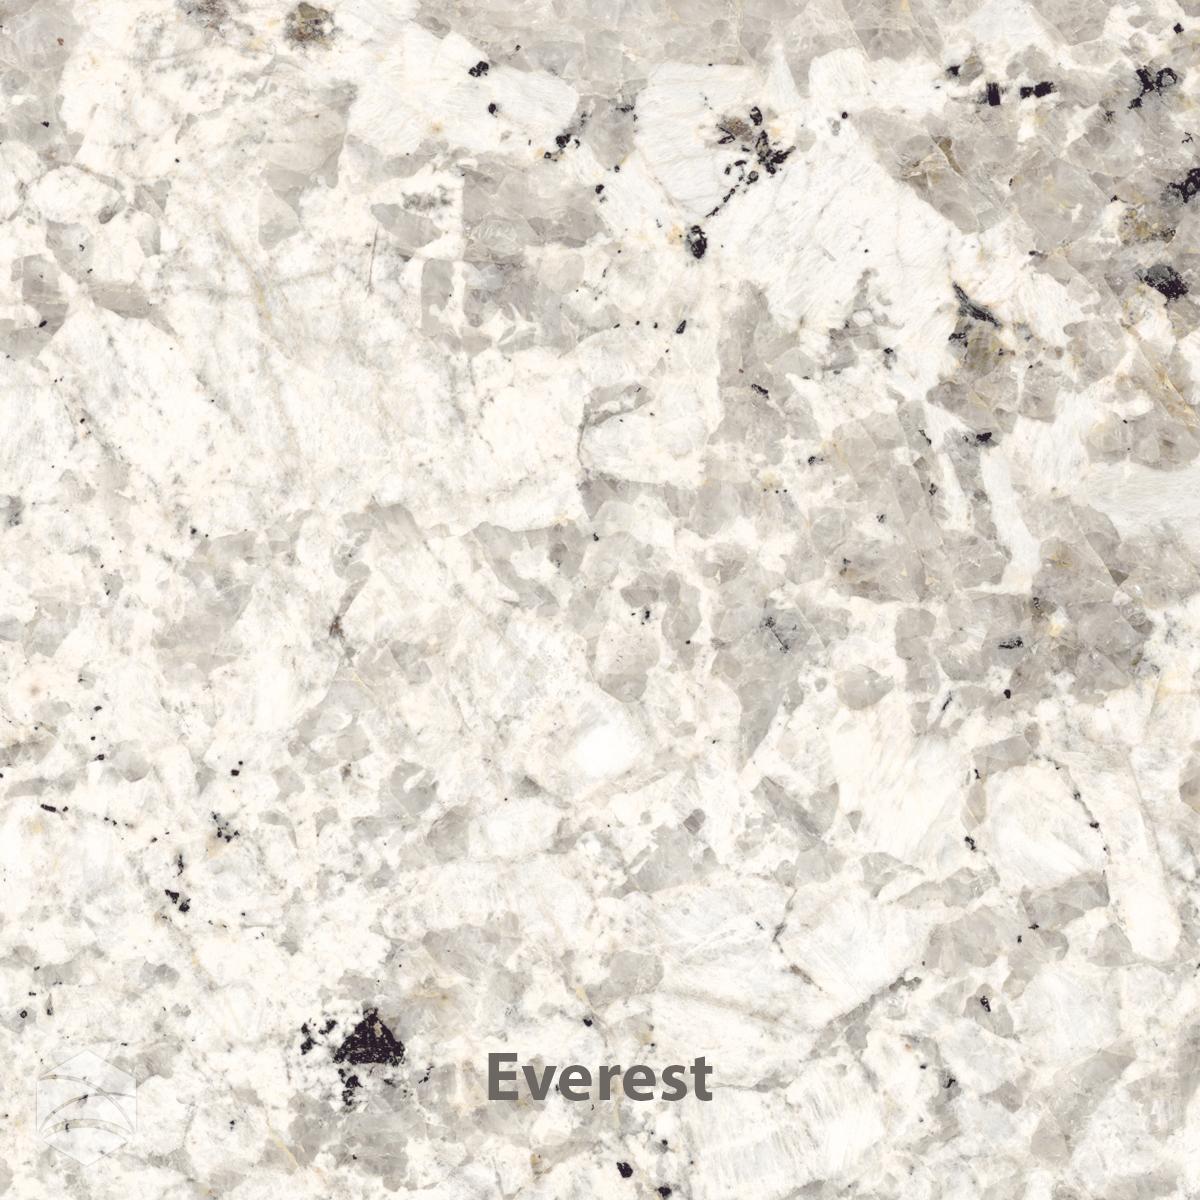 Everest_V2_12x12.jpg